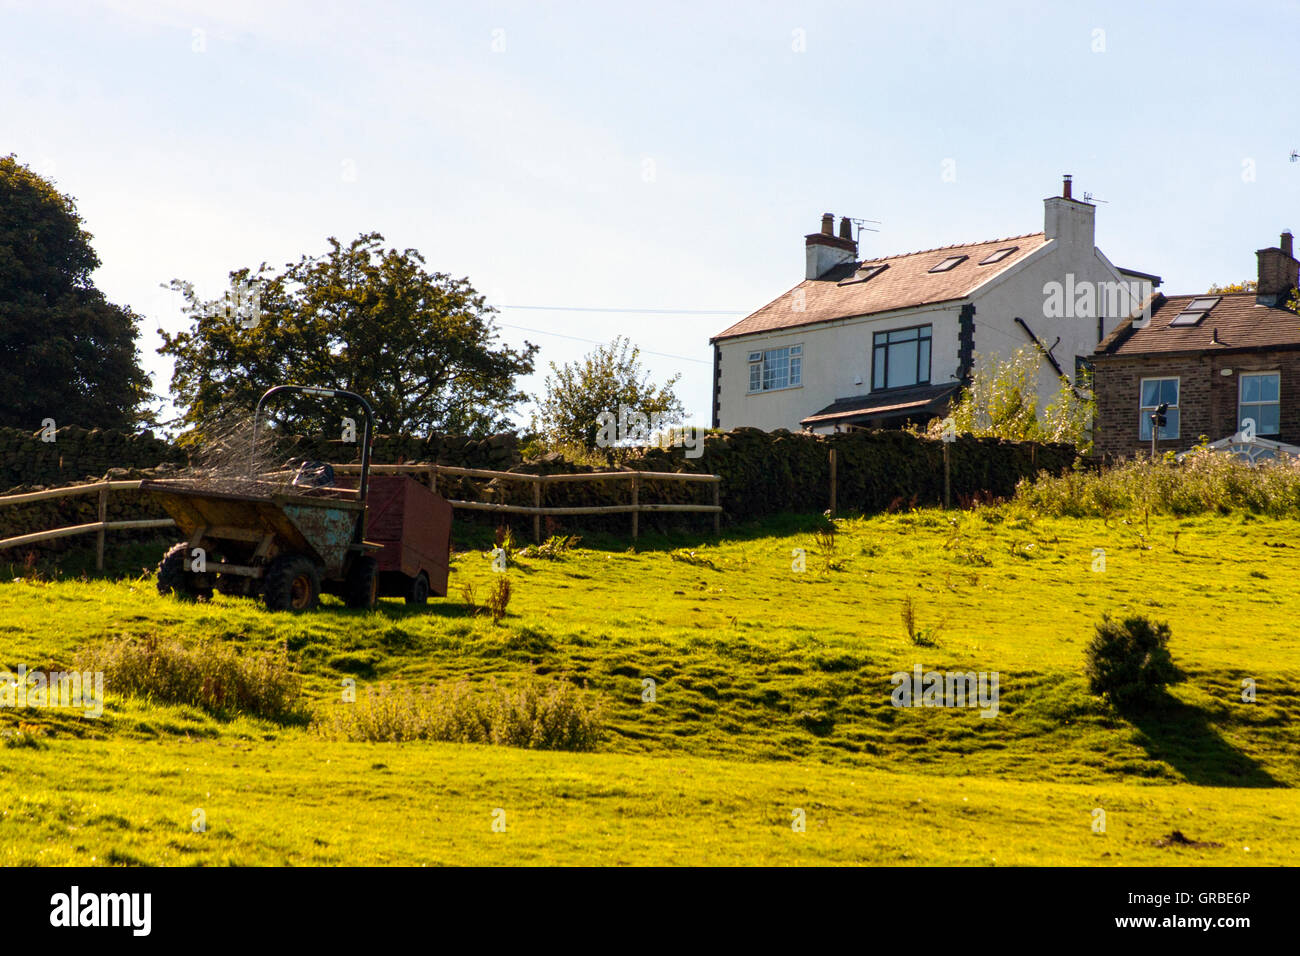 Modernes Bauernhaus modernes bauernhaus und feld stockfoto bild 117651934 alamy